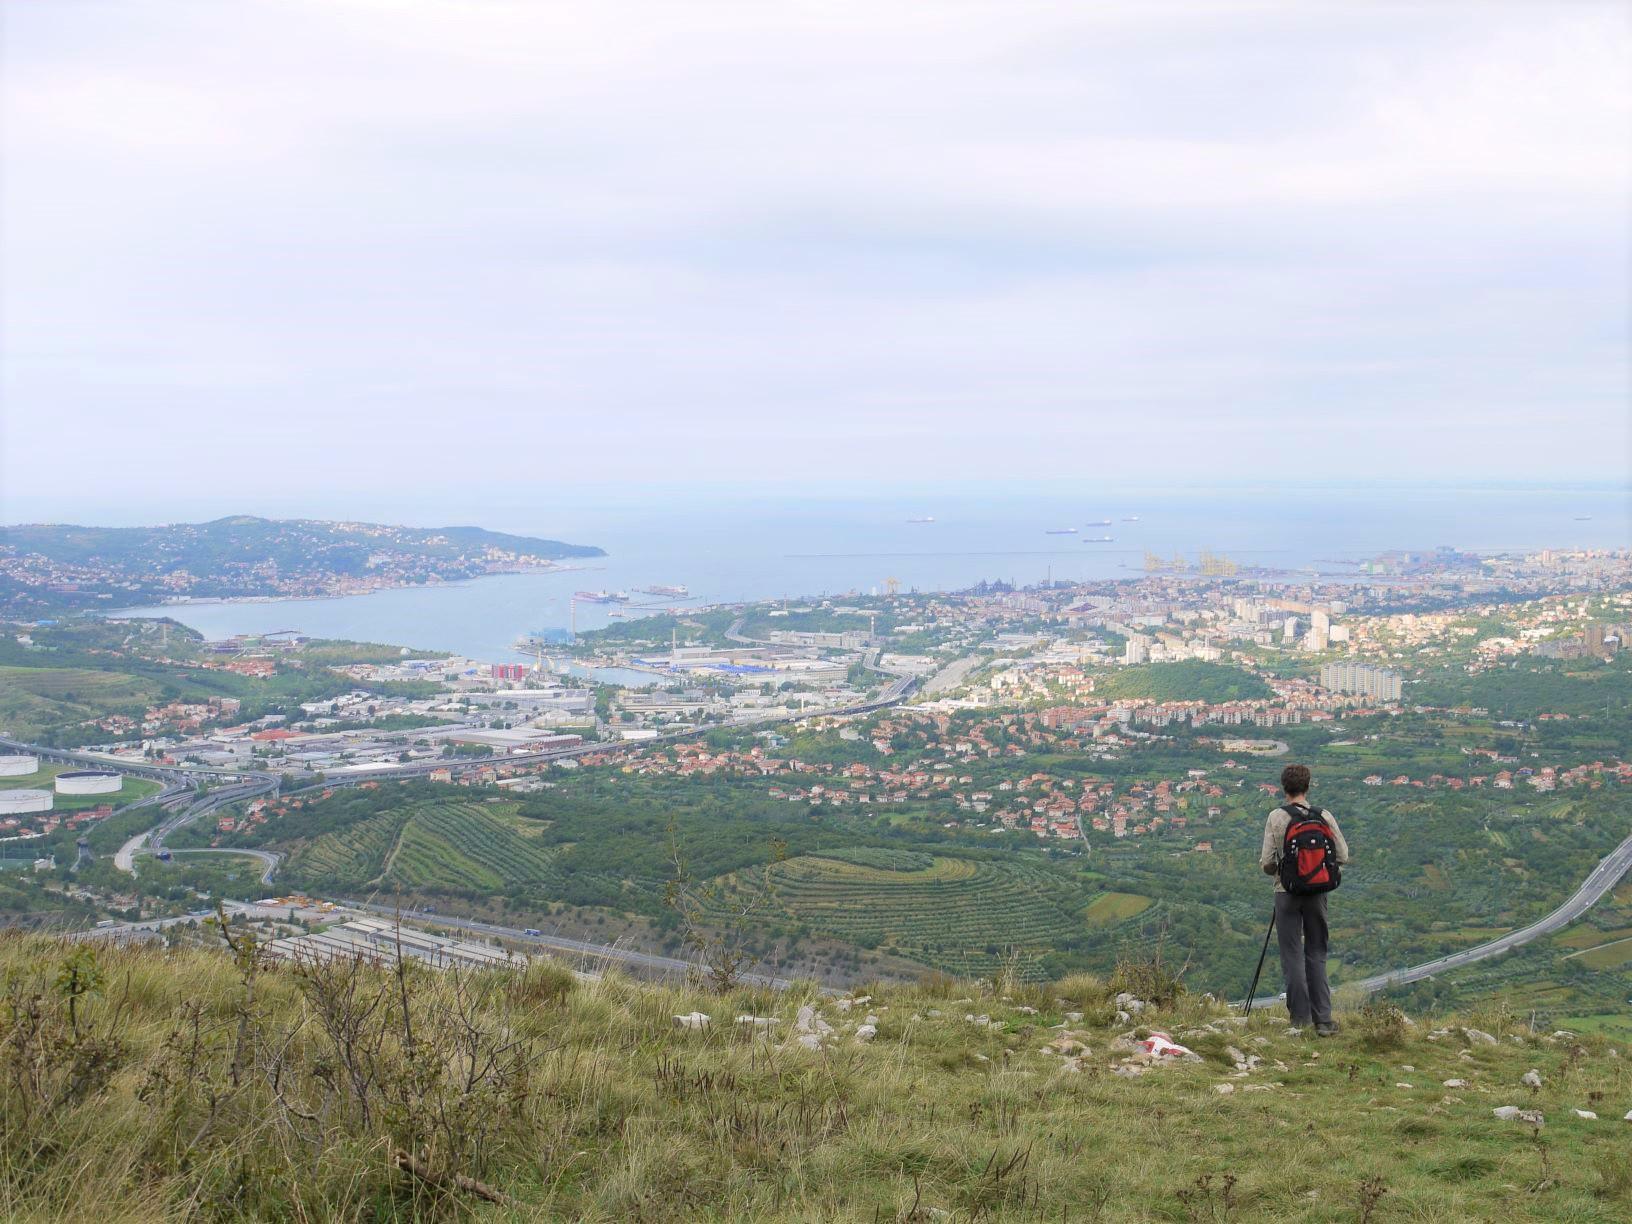 丘の上まで一登り。アドリア海とトリエステの街をのぞむ展望地へ(8日目)